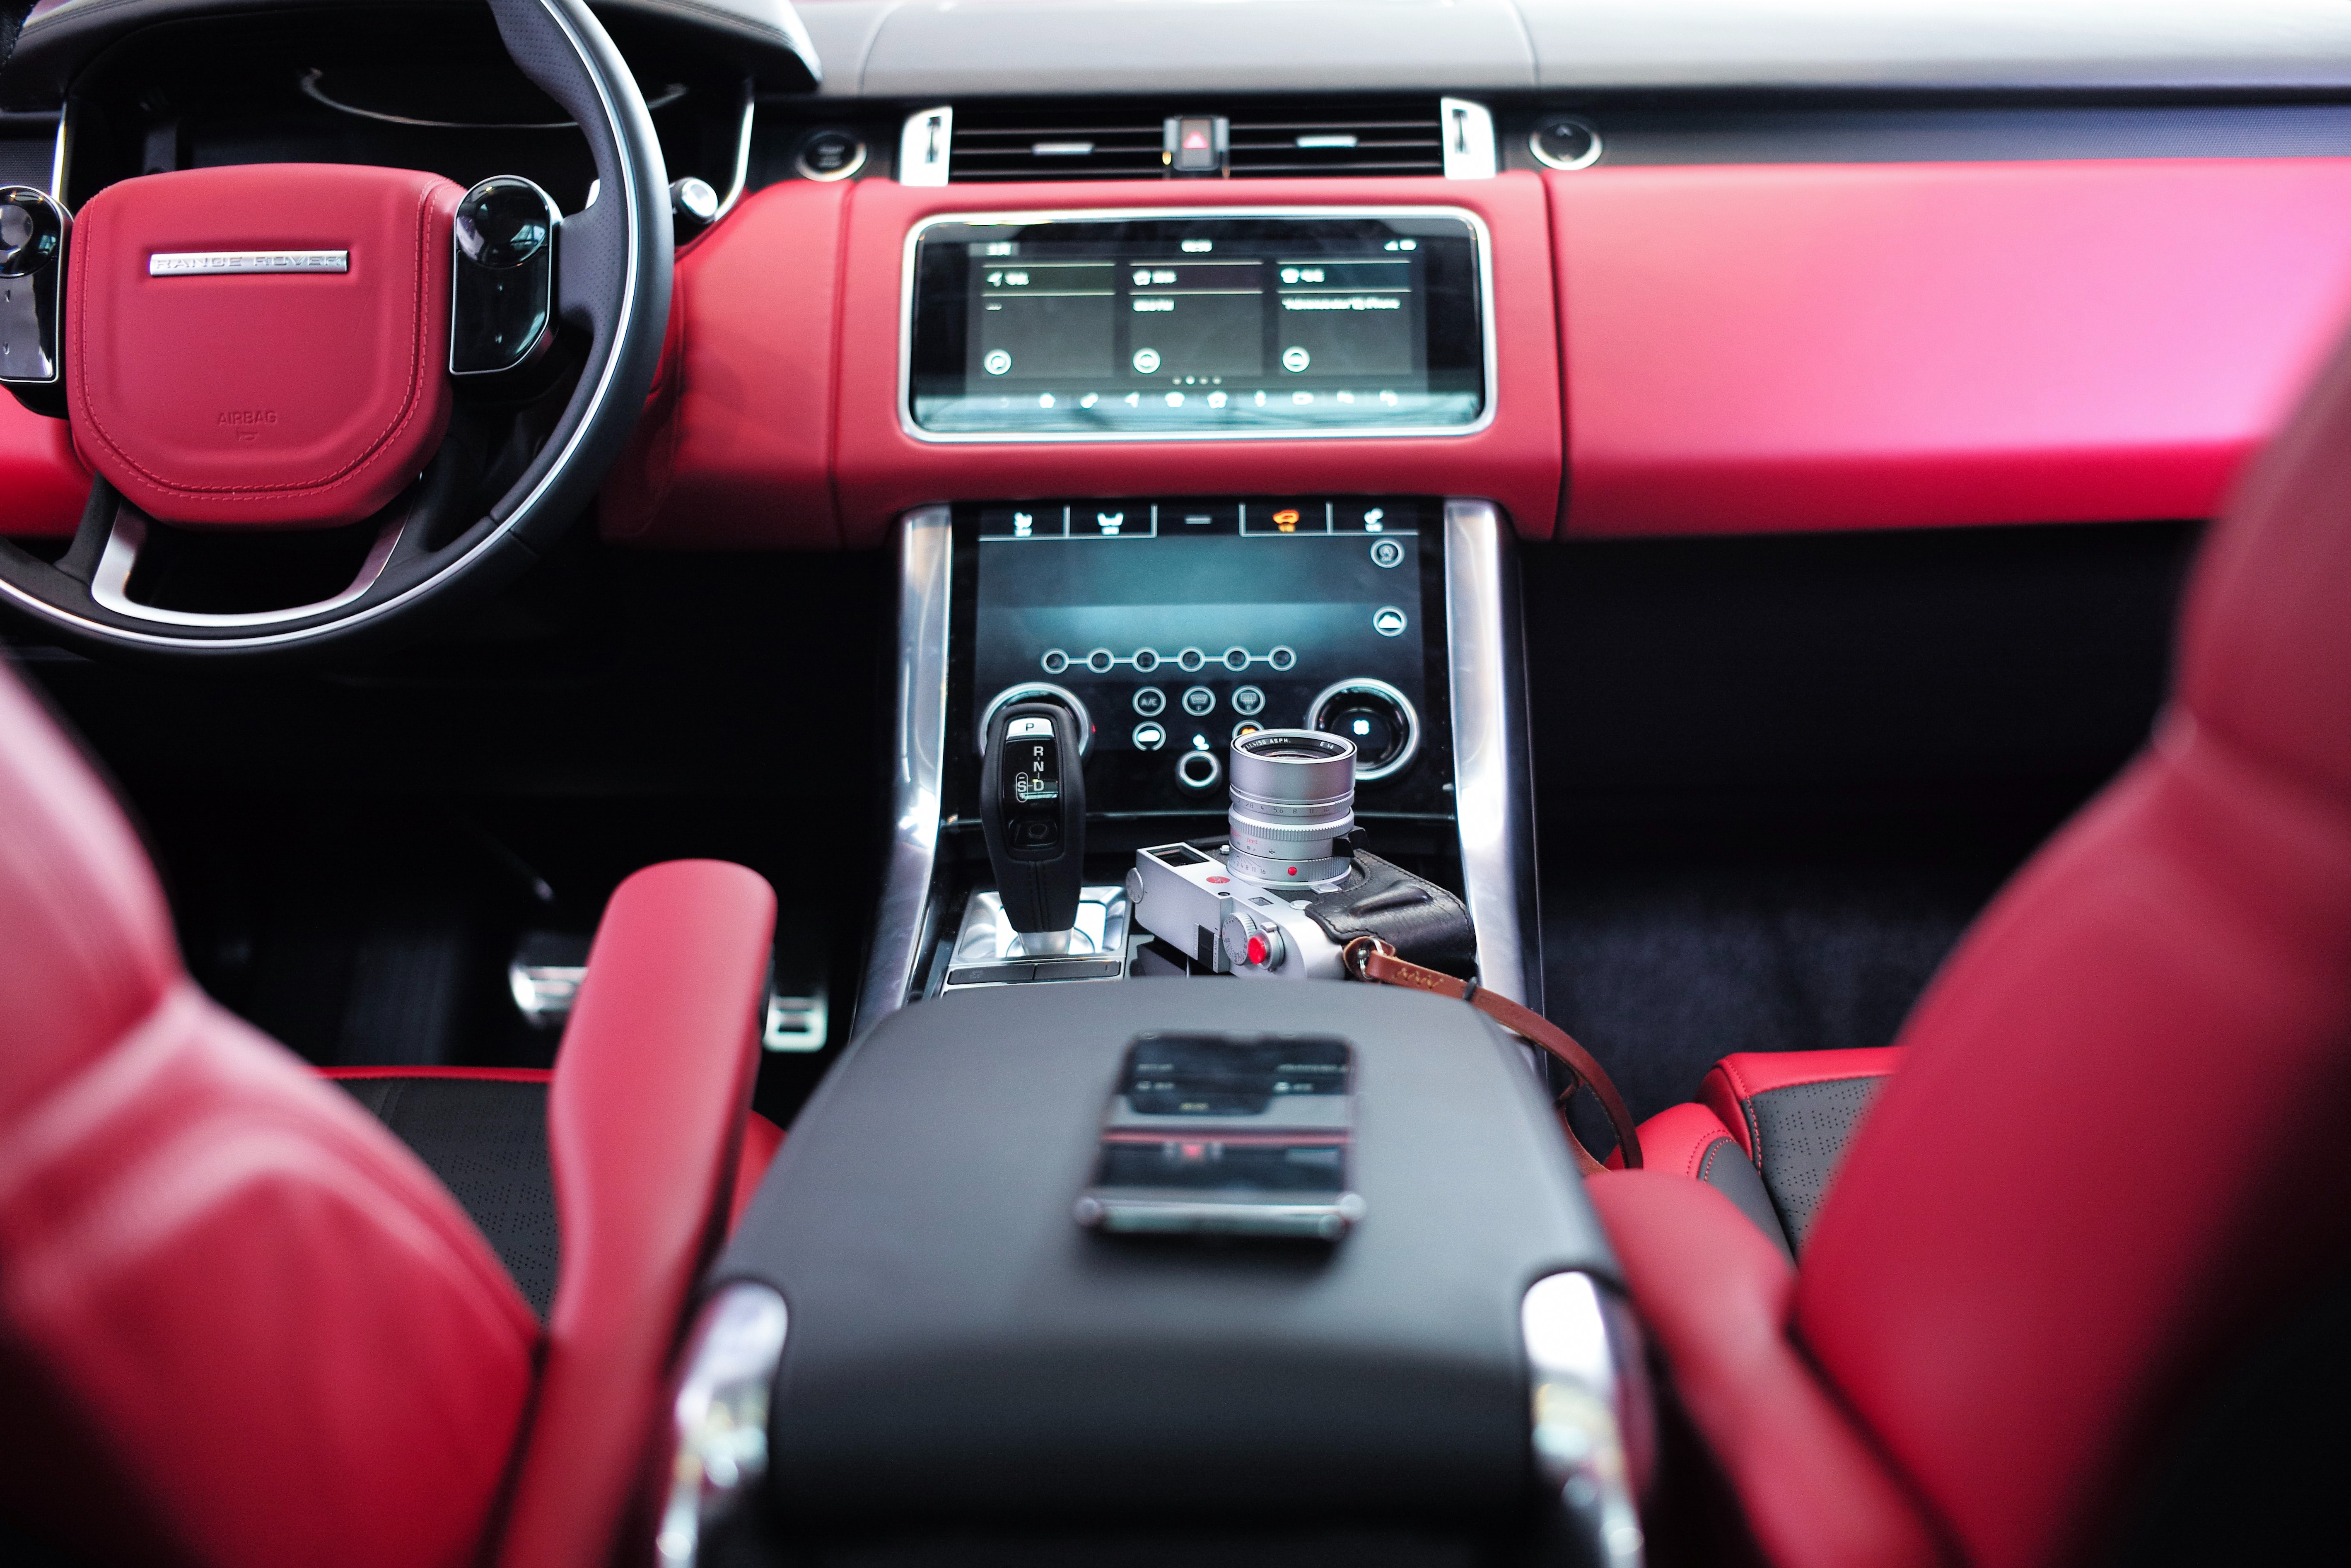 A red car interior - Goal Success Program